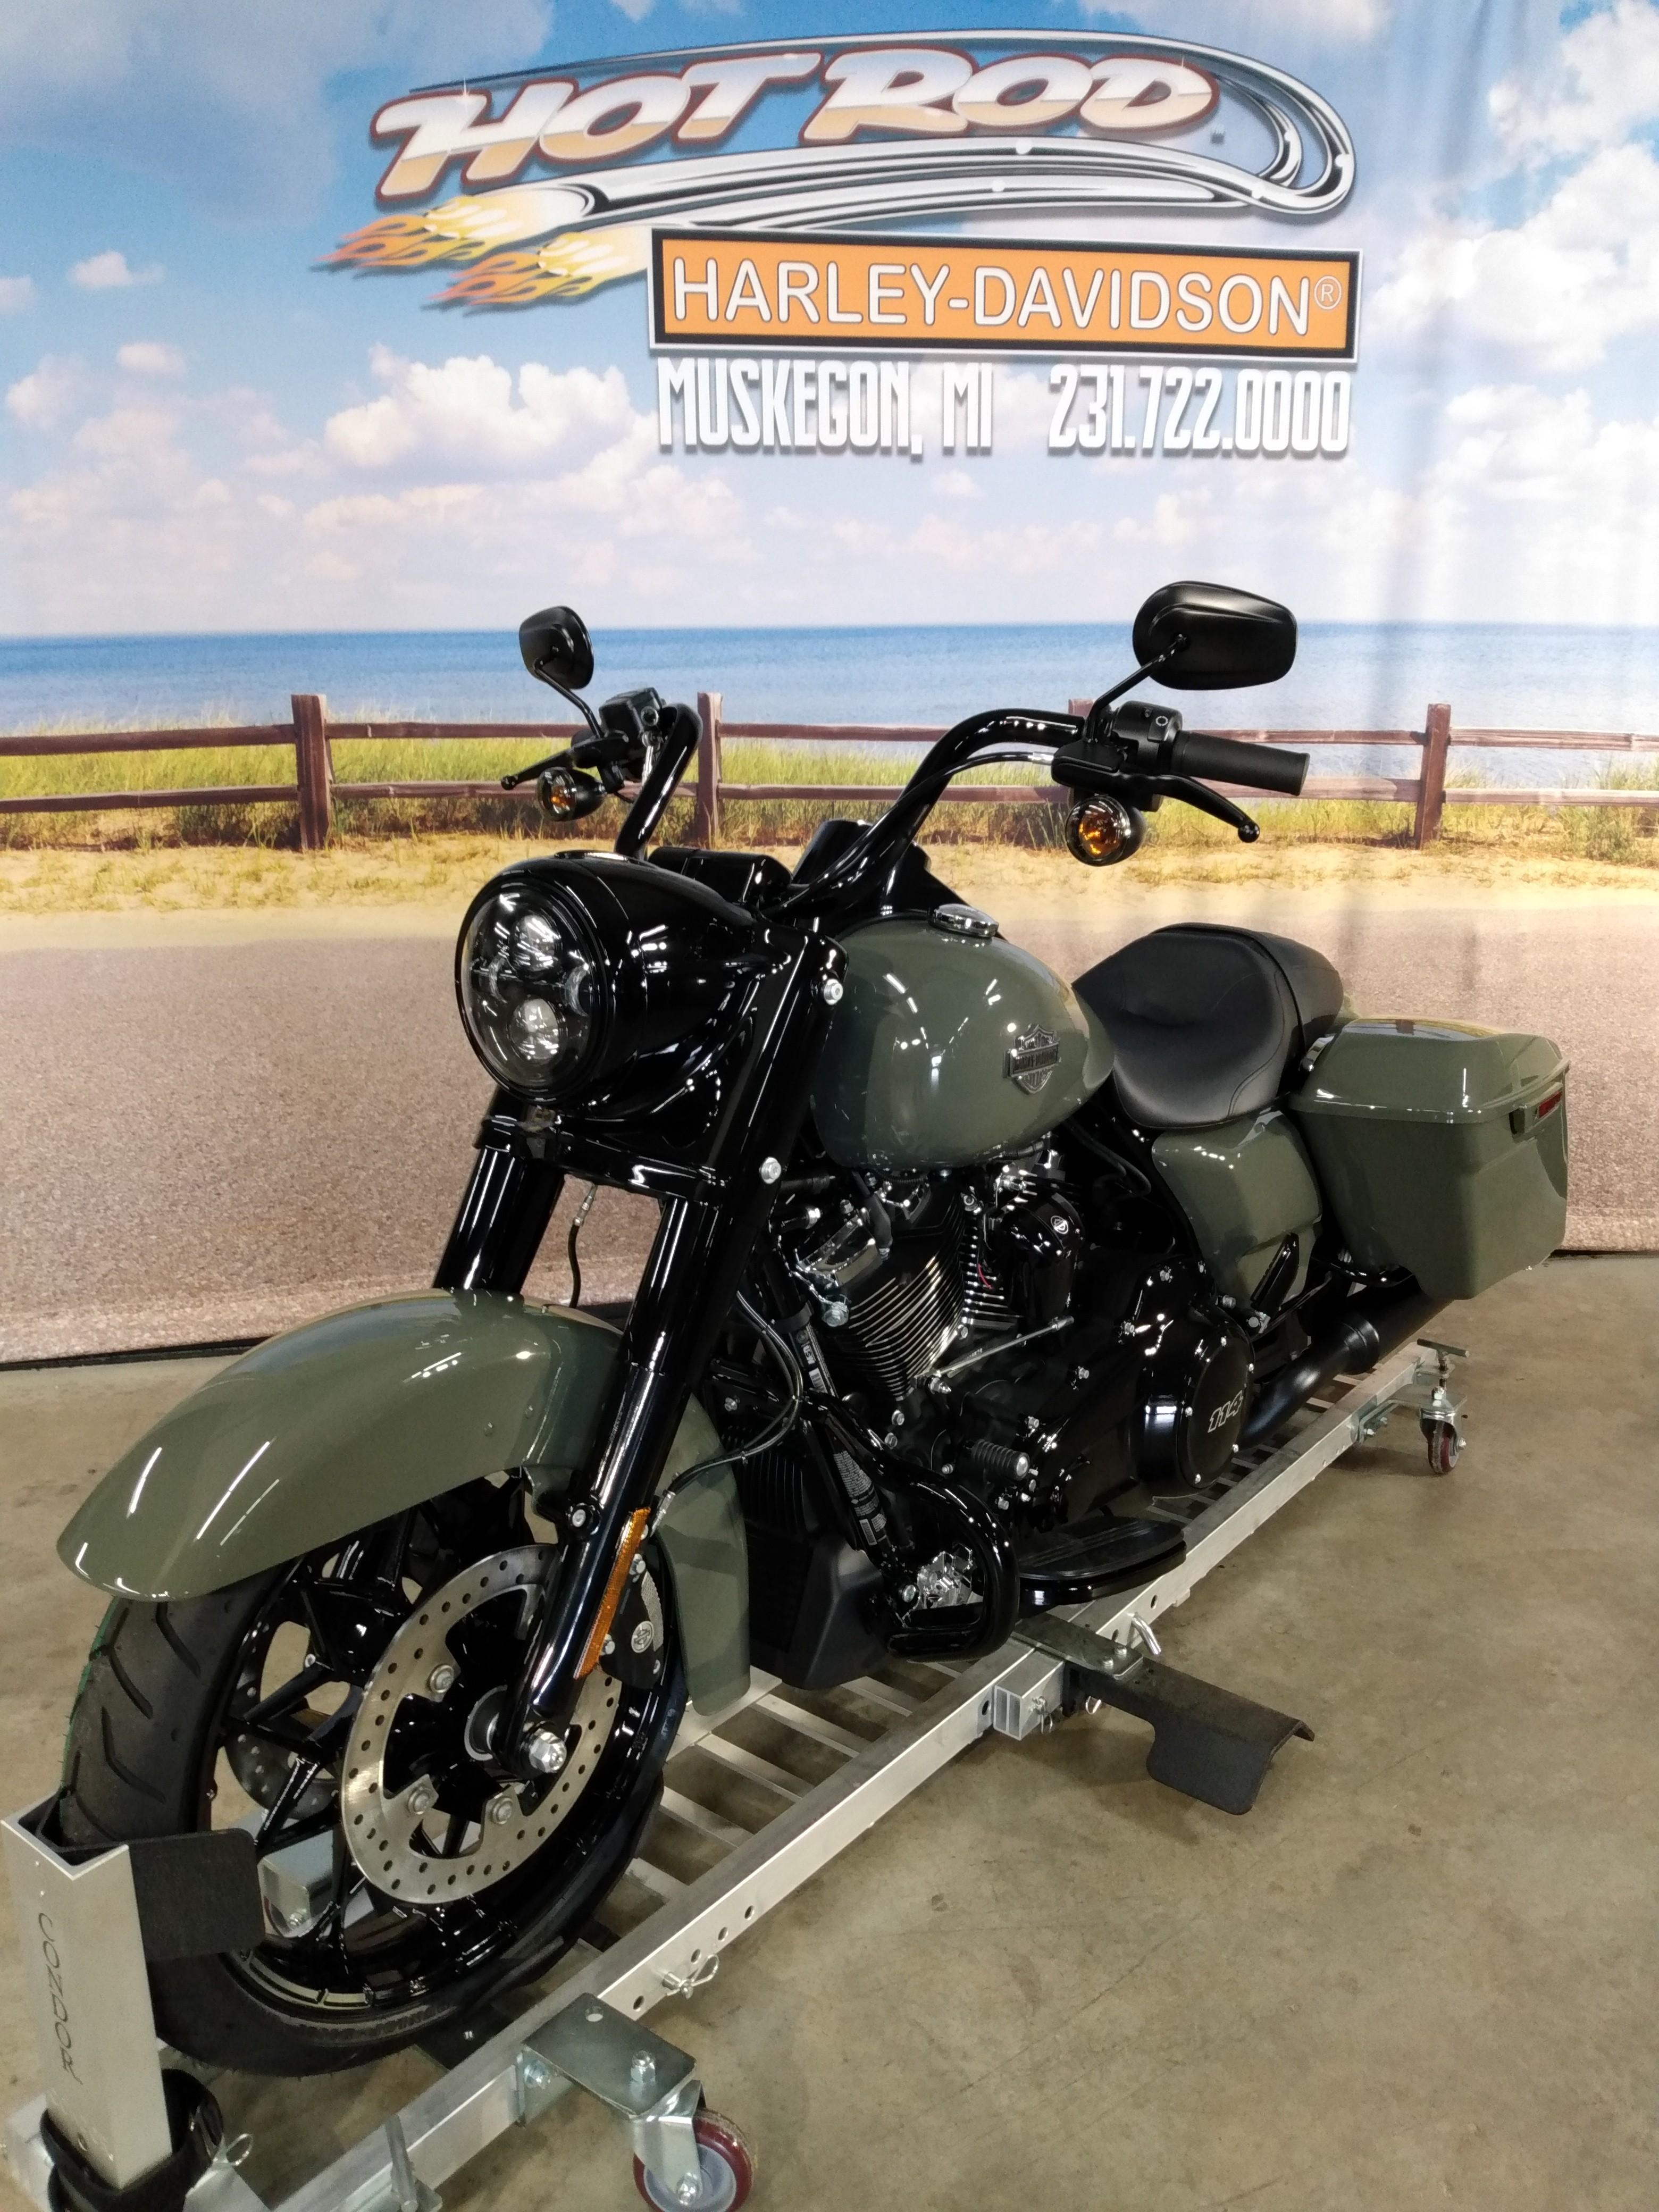 2021 Harley-Davidson Touring Road King Special at Hot Rod Harley-Davidson